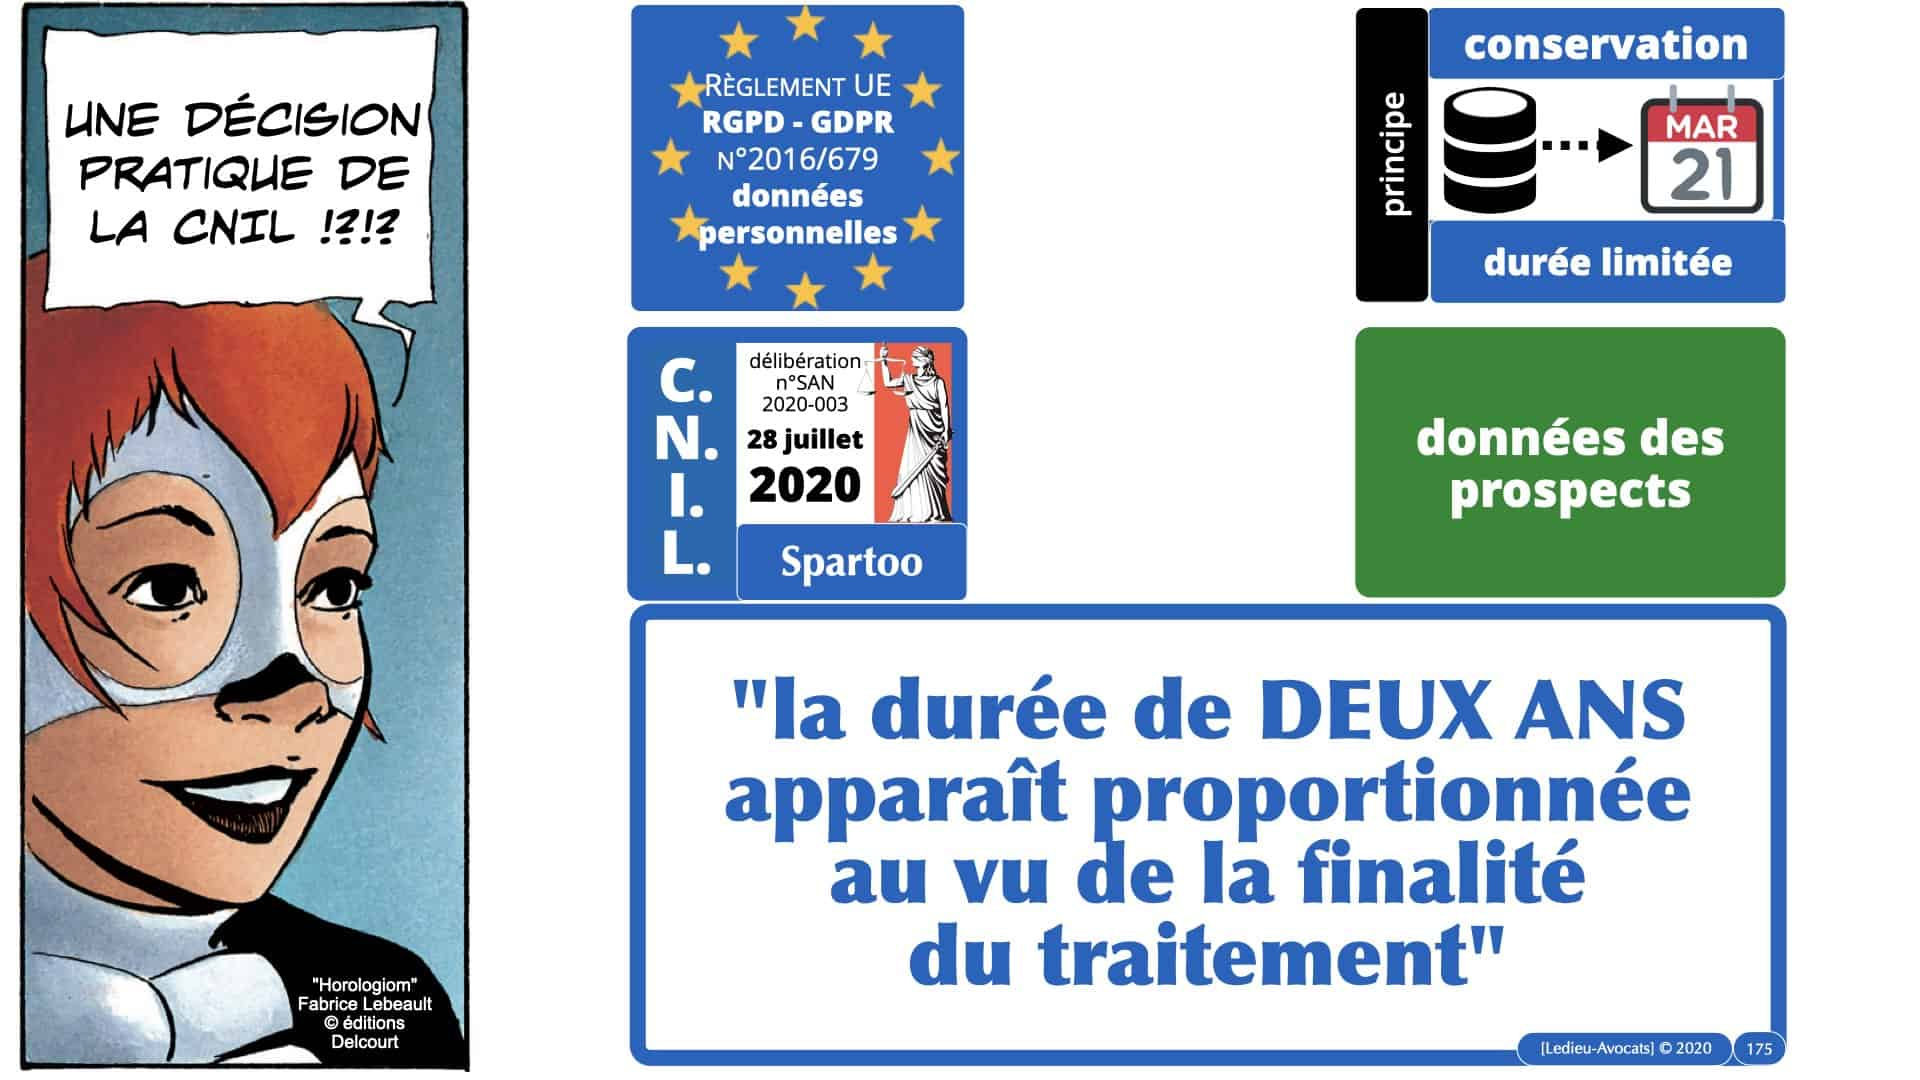 RGPD e-Privacy données personnelles jurisprudence formation Lamy Les Echos 10-02-2021 ©Ledieu-Avocats.175